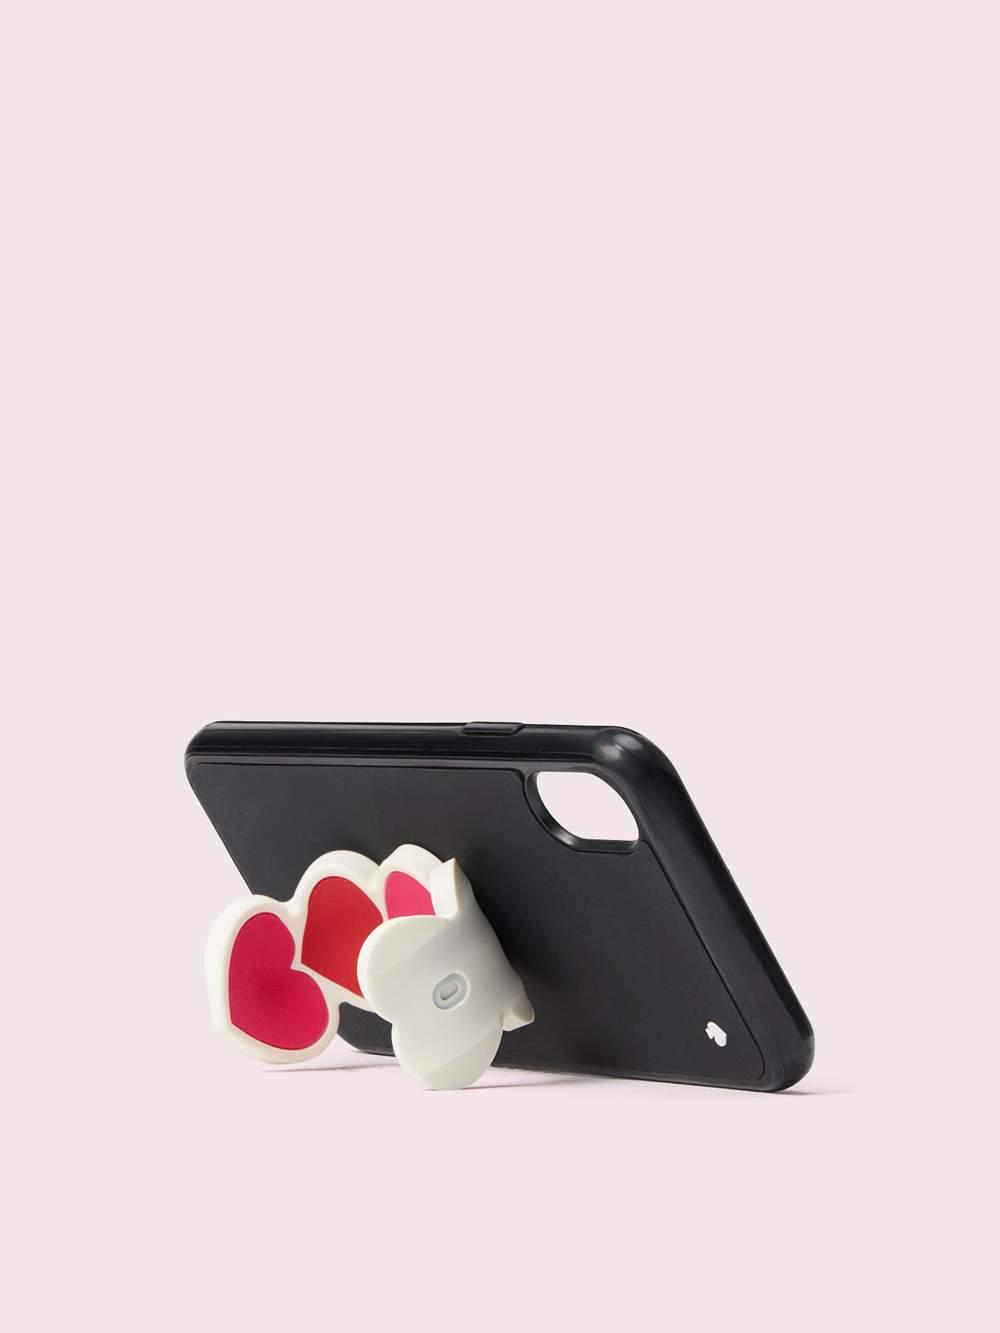 画像2: IPHONE CASES OMBRE HEART STAND - X & XS 9,720円 (税込) www.katespade.jp